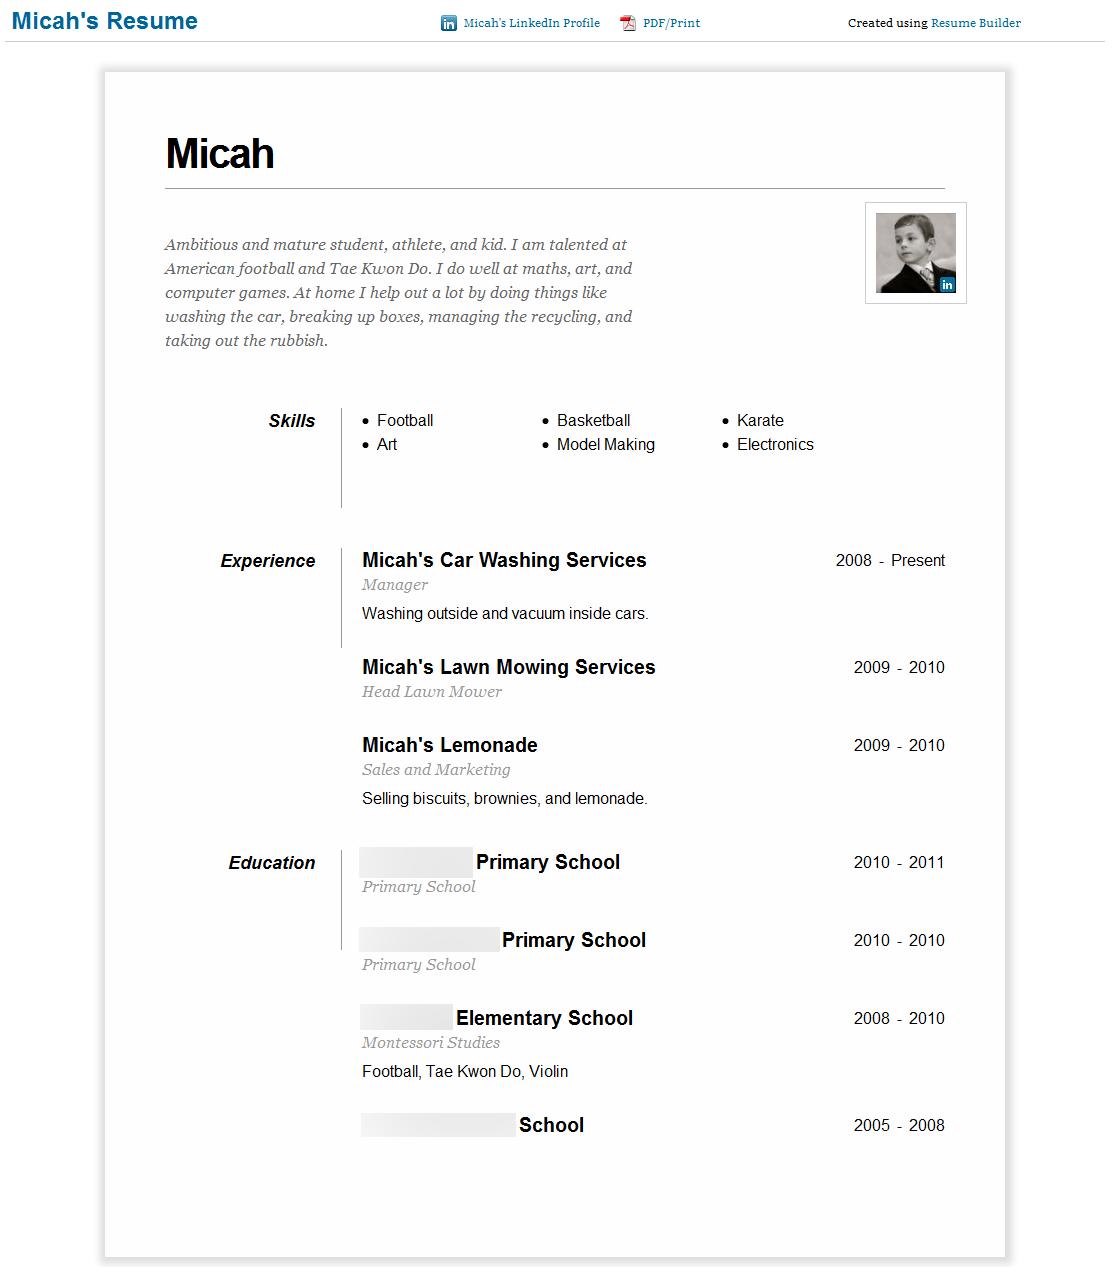 En Resume Linkedinlabs Com Tenemos La Opción Oficial De Linkedin